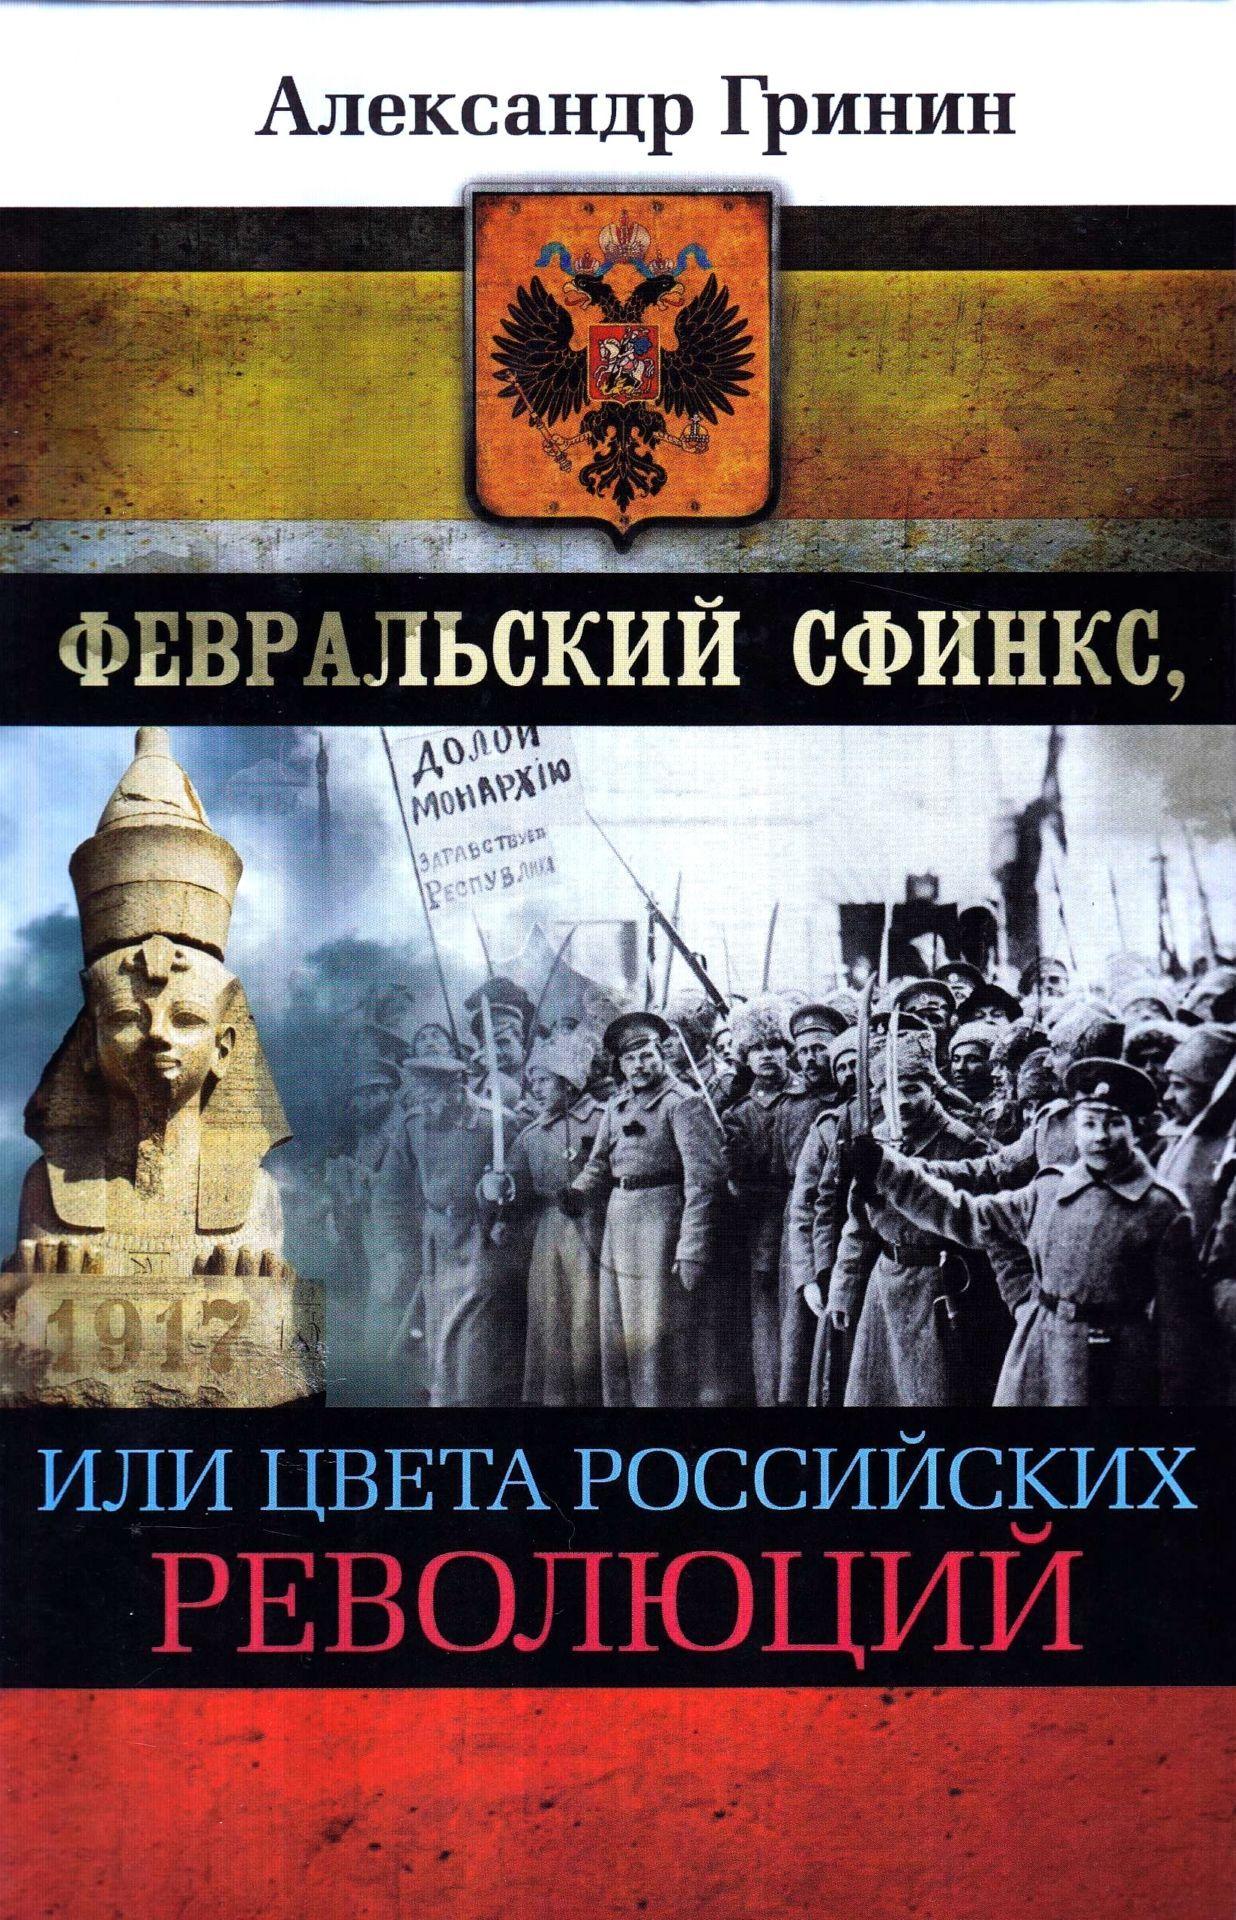 Февральский сфинкс, или цвета российских революцийПреподавателям<br>Природа Февральской революции, которая открыла в XX веке наиболее трагический период российской истории, несмотря па ушедшее столетие, так и осталась загадкой. Почему эра свободы и демократии образца 1917 года закончилась в России распадом государства, ...<br><br>Авторы: Гринин А.<br>Год: 2017<br>ISBN: 978-5-906972-18-7<br>Высота: 220<br>Ширина: 150<br>Толщина: 30